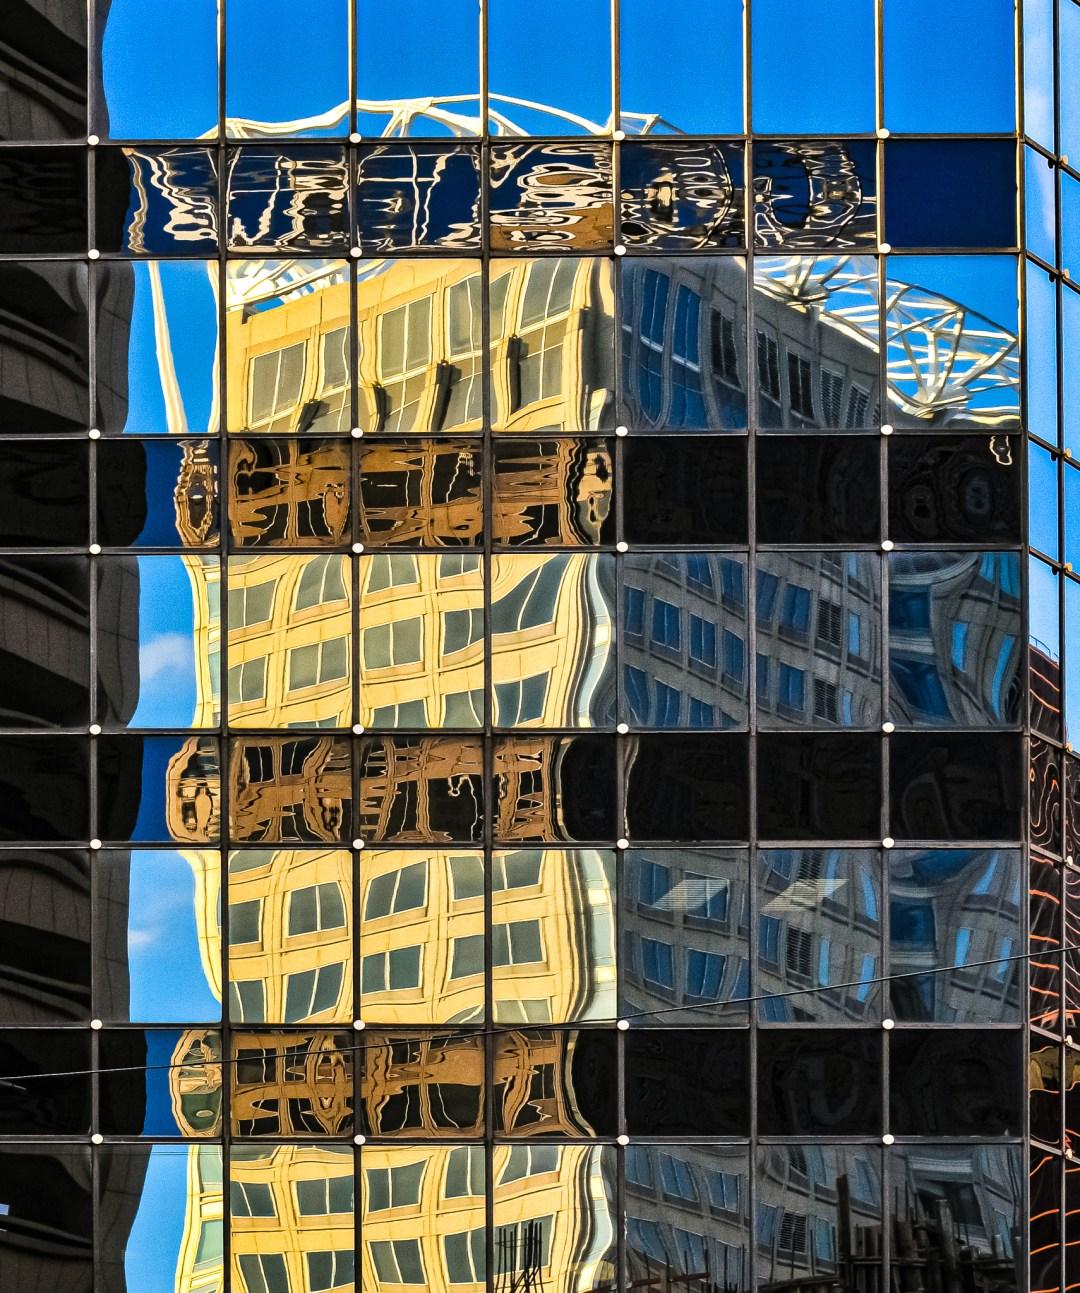 Baltimore Reflection